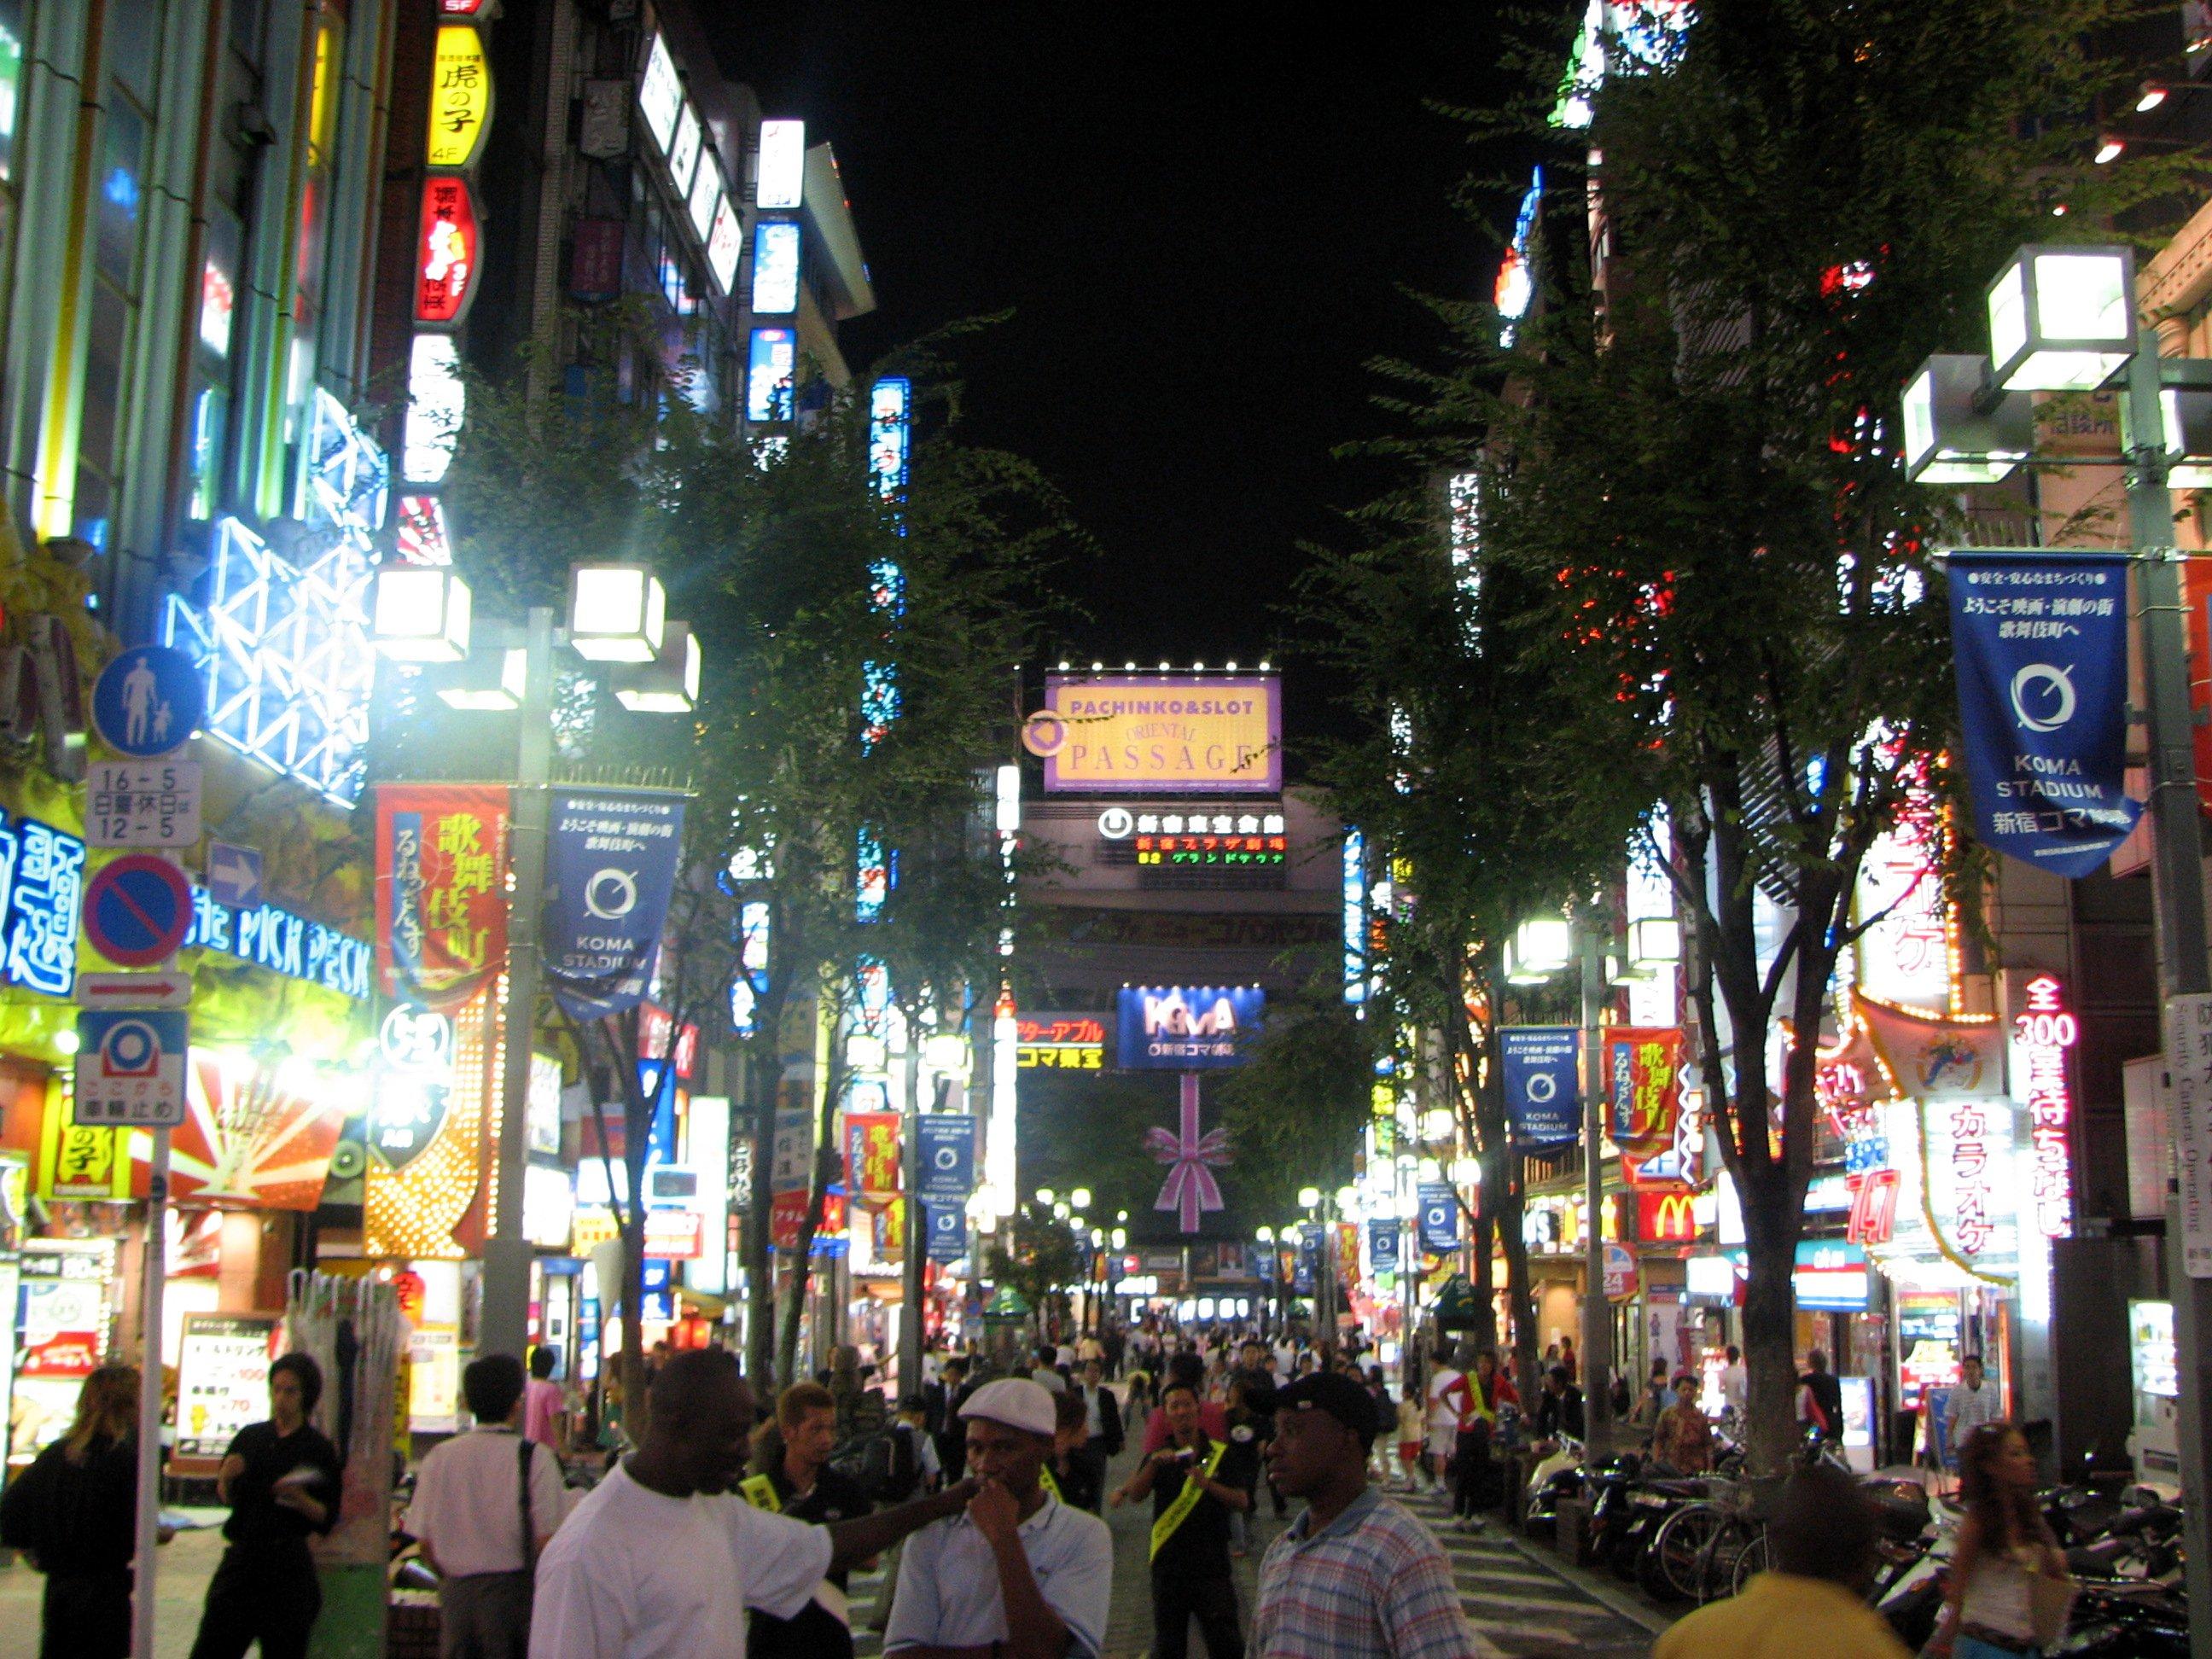 http://upload.wikimedia.org/wikipedia/commons/1/1a/Kabukicho_at_night_02.JPG